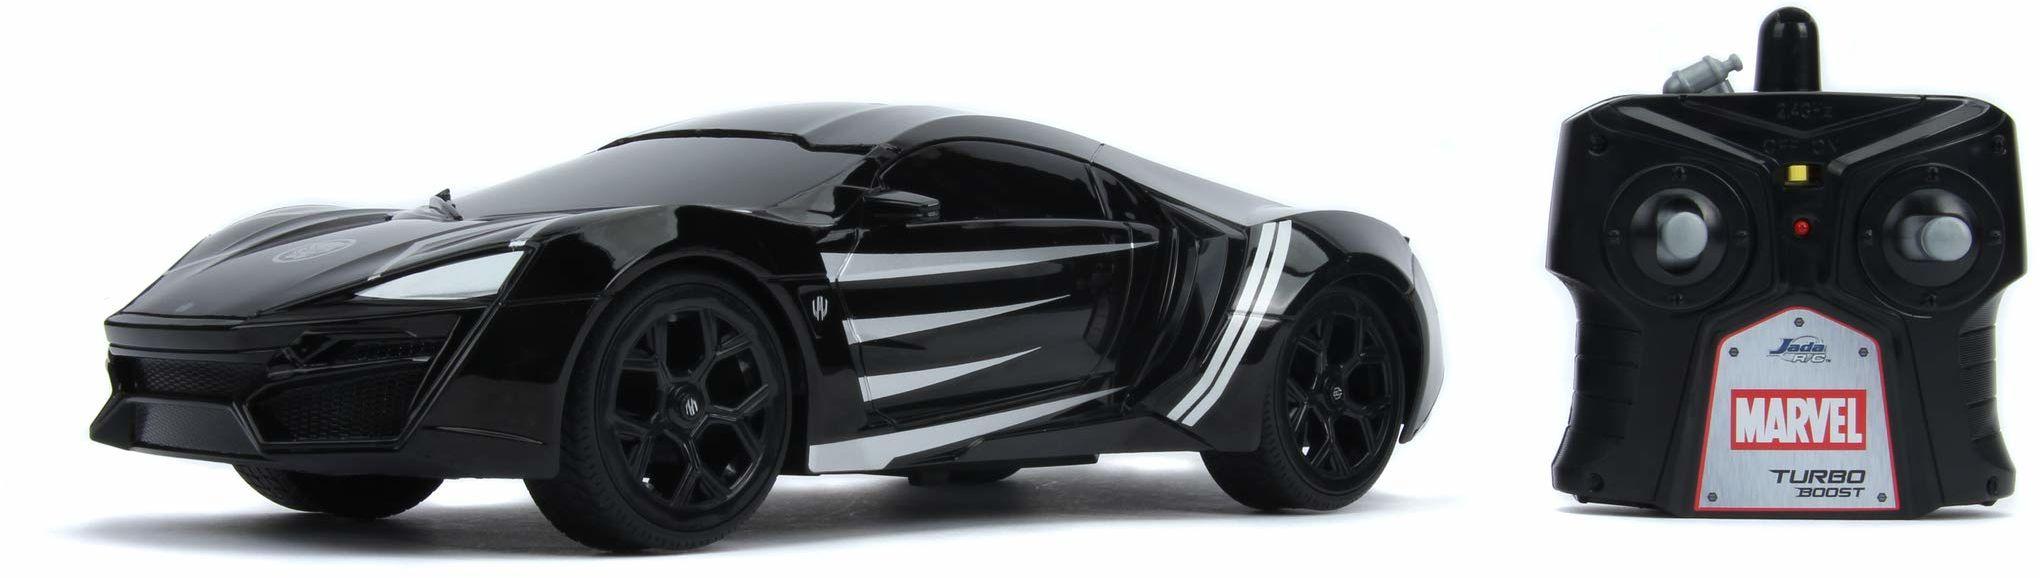 Jada Toys 253226001 Marvel Black Panther Lykan Hypersport, funkcja turbo, RC, zdalnie sterowany samochód z pilotem zdalnego sterowania, do przodu i do tyłu, skala 1:16, funkcja ładowania USB, czarny